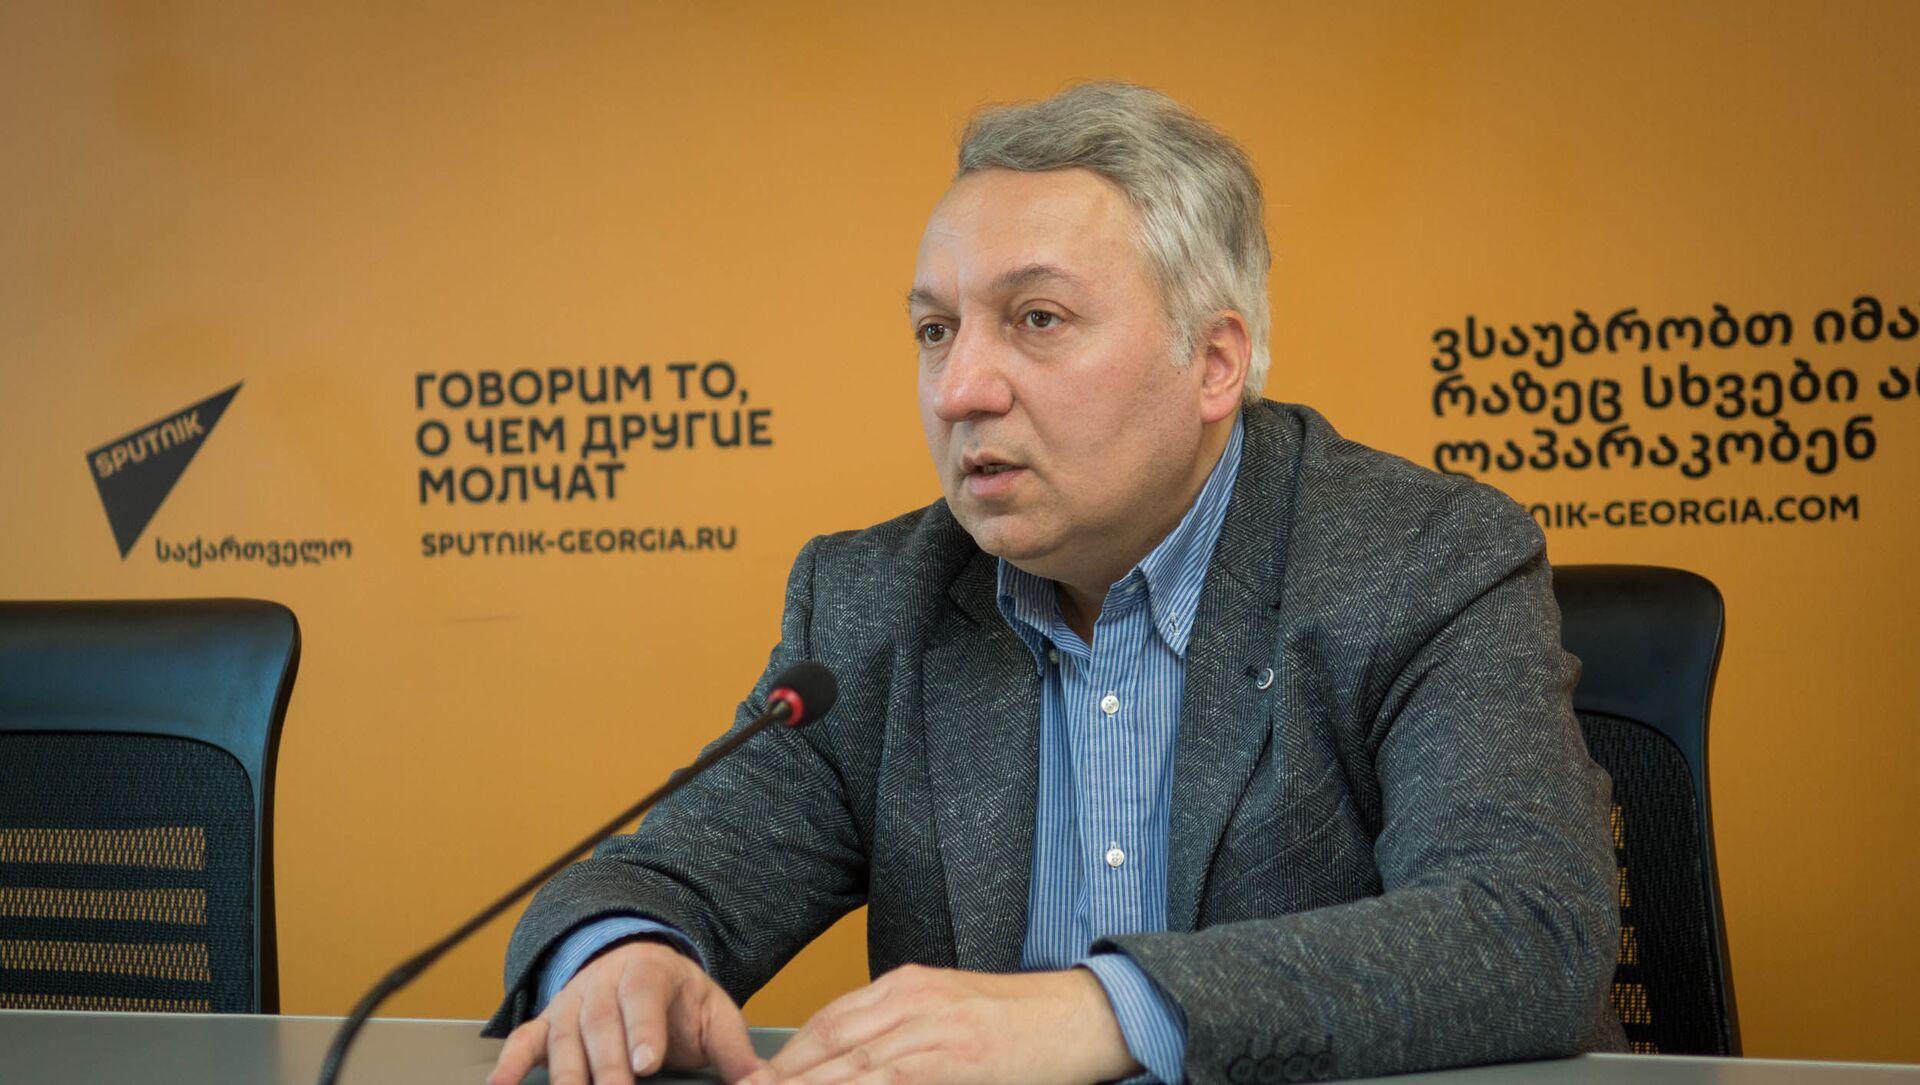 Васо Капанадзе - эксперт по международным вопросам - Sputnik Грузия, 1920, 23.02.2021